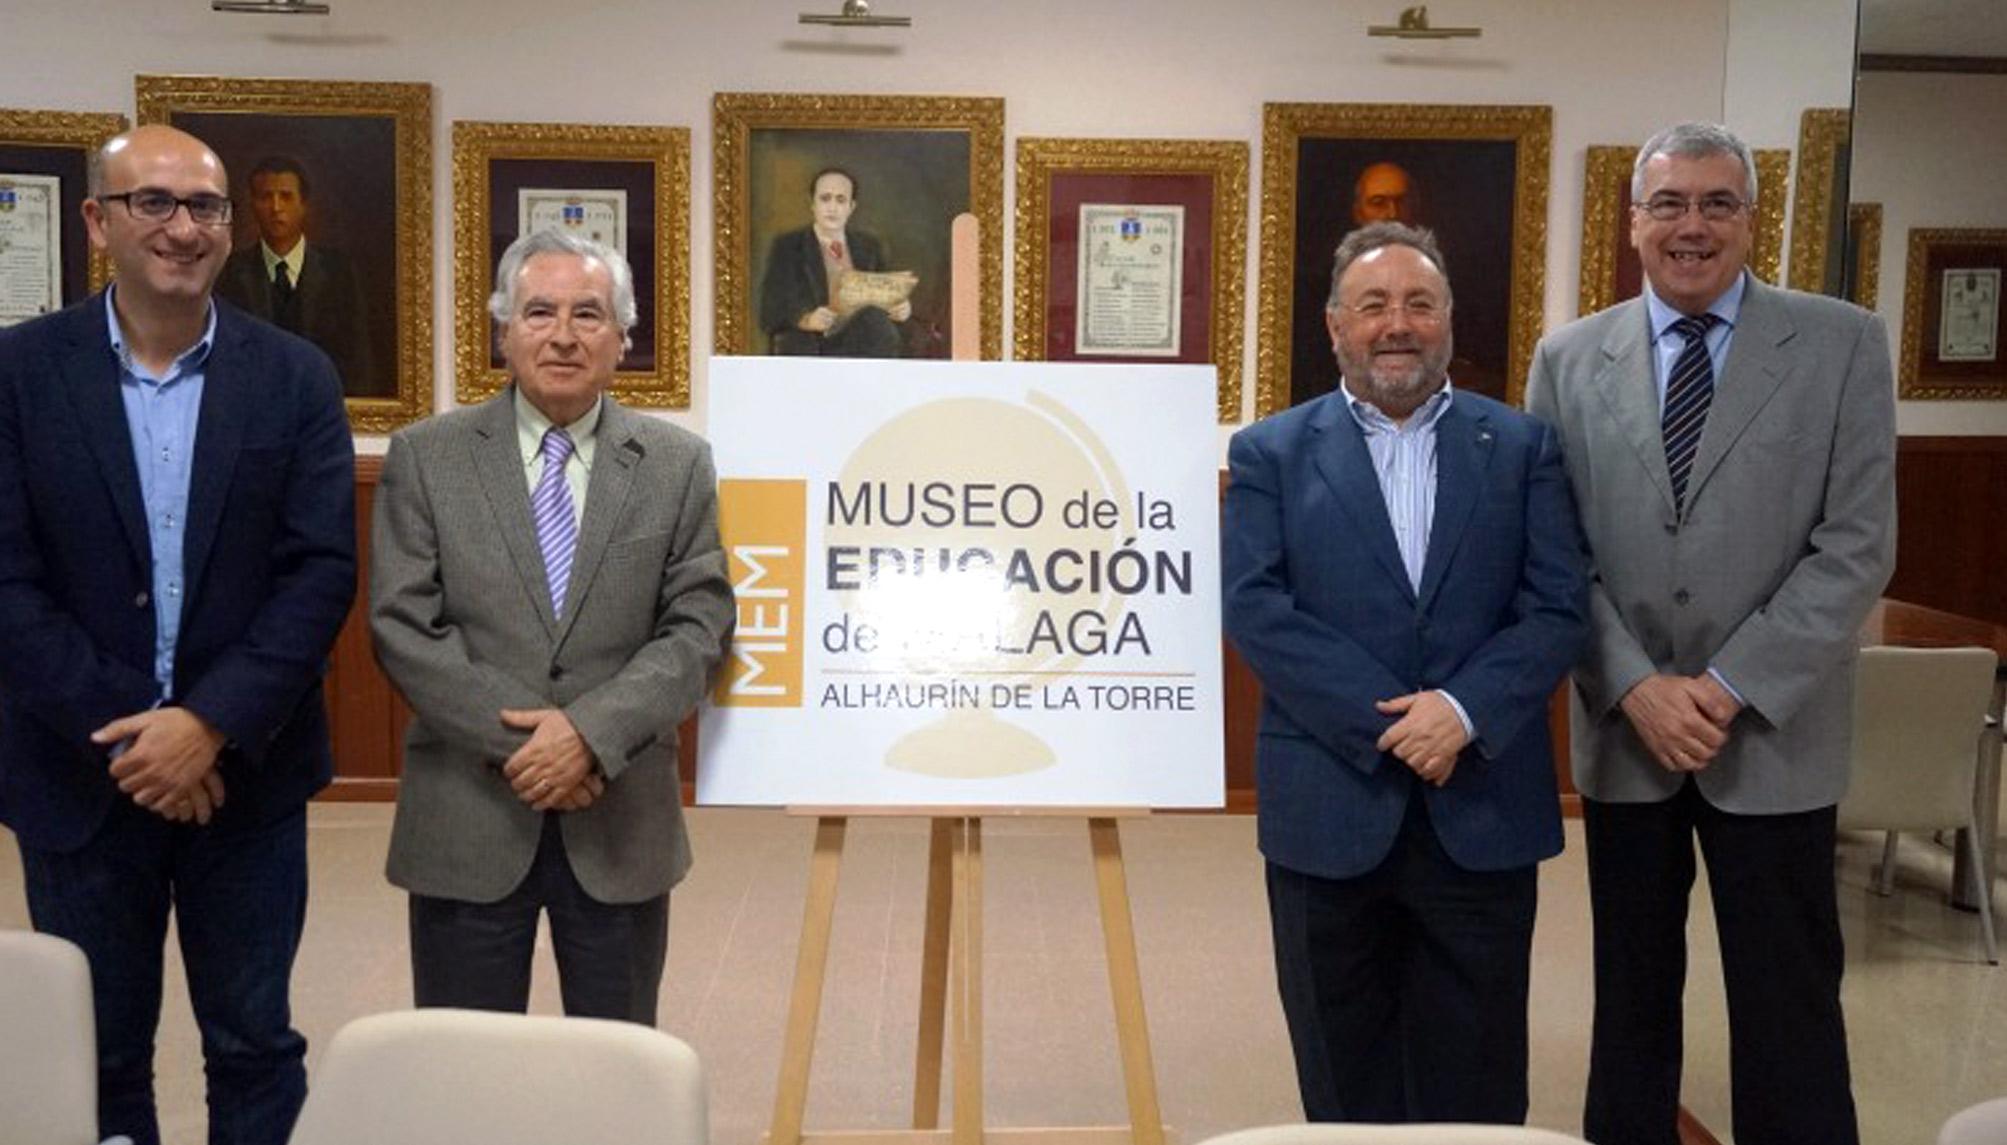 Fallece el profesor Jesús Asensi, donante del Museo de la Educación de Alhaurín de la Torre